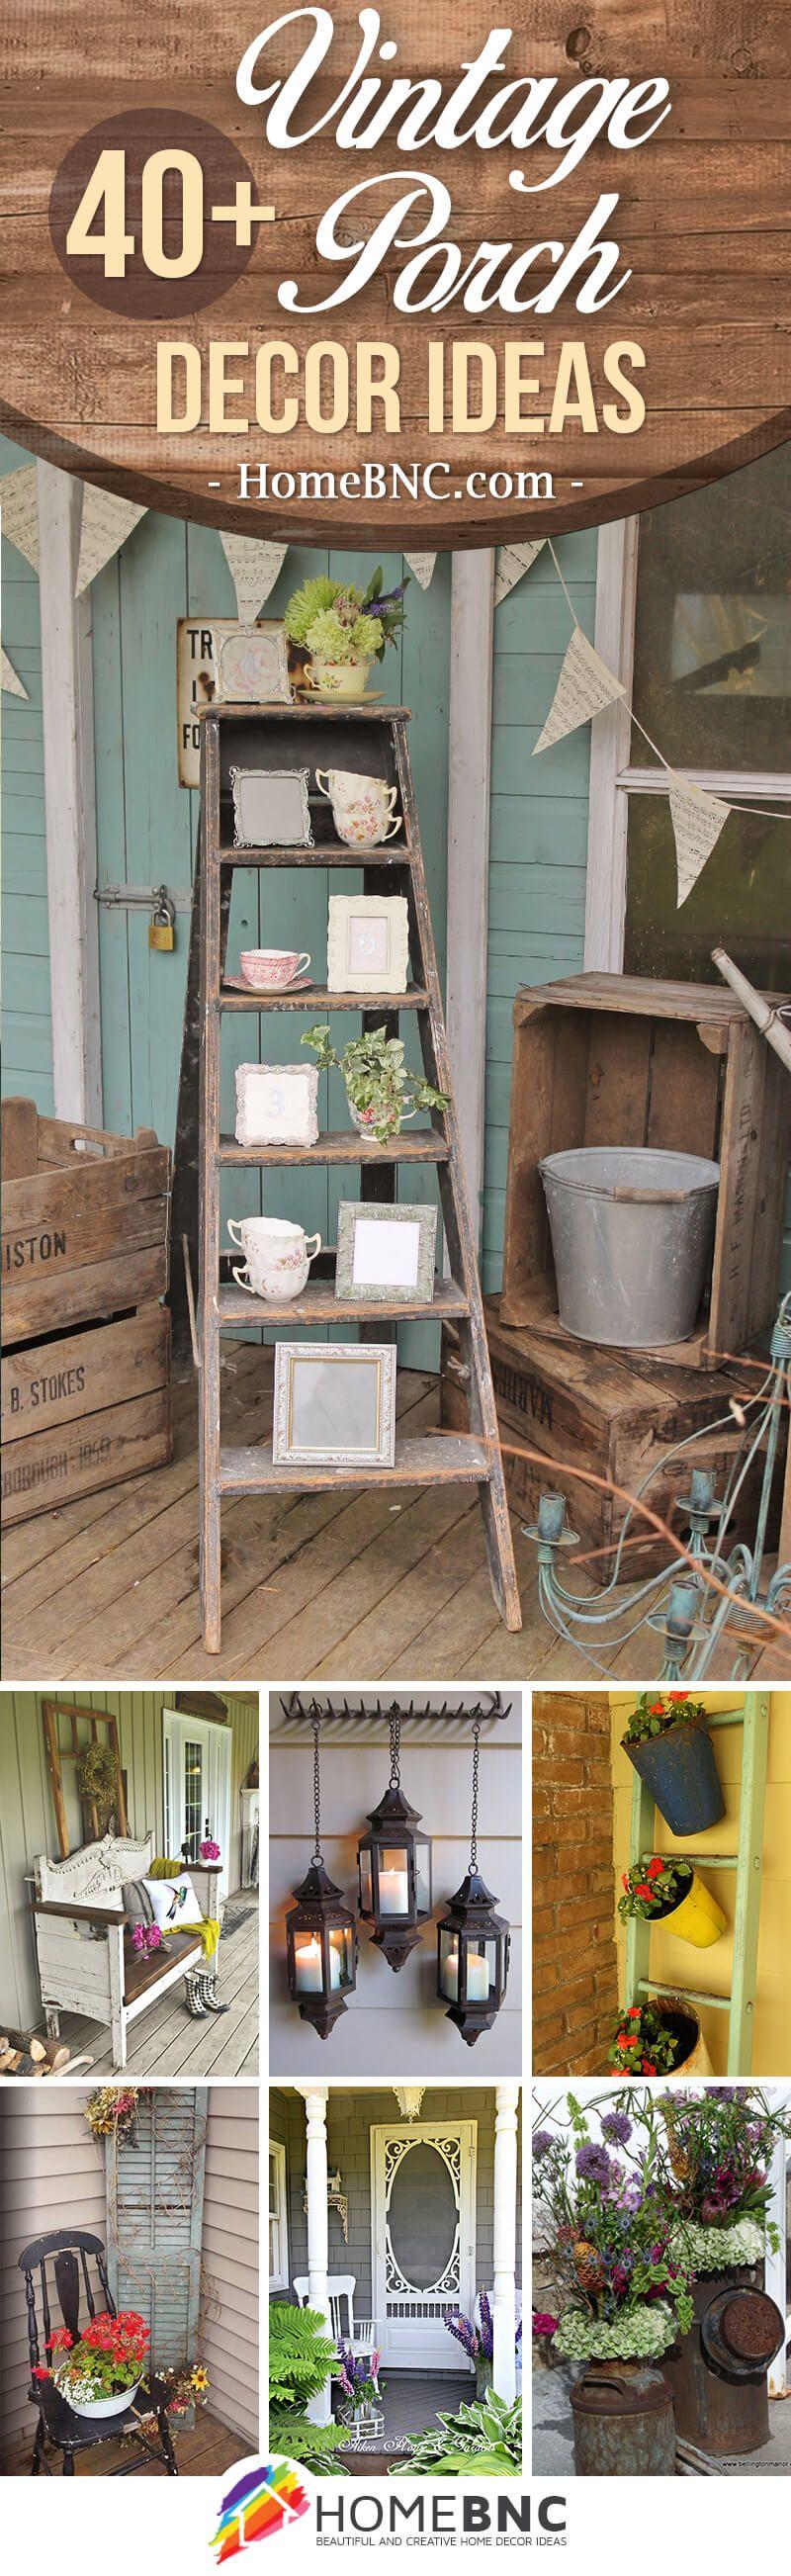 Vintage porch designs dise os decoraci n r stica para for Decoraciones rusticas para el hogar